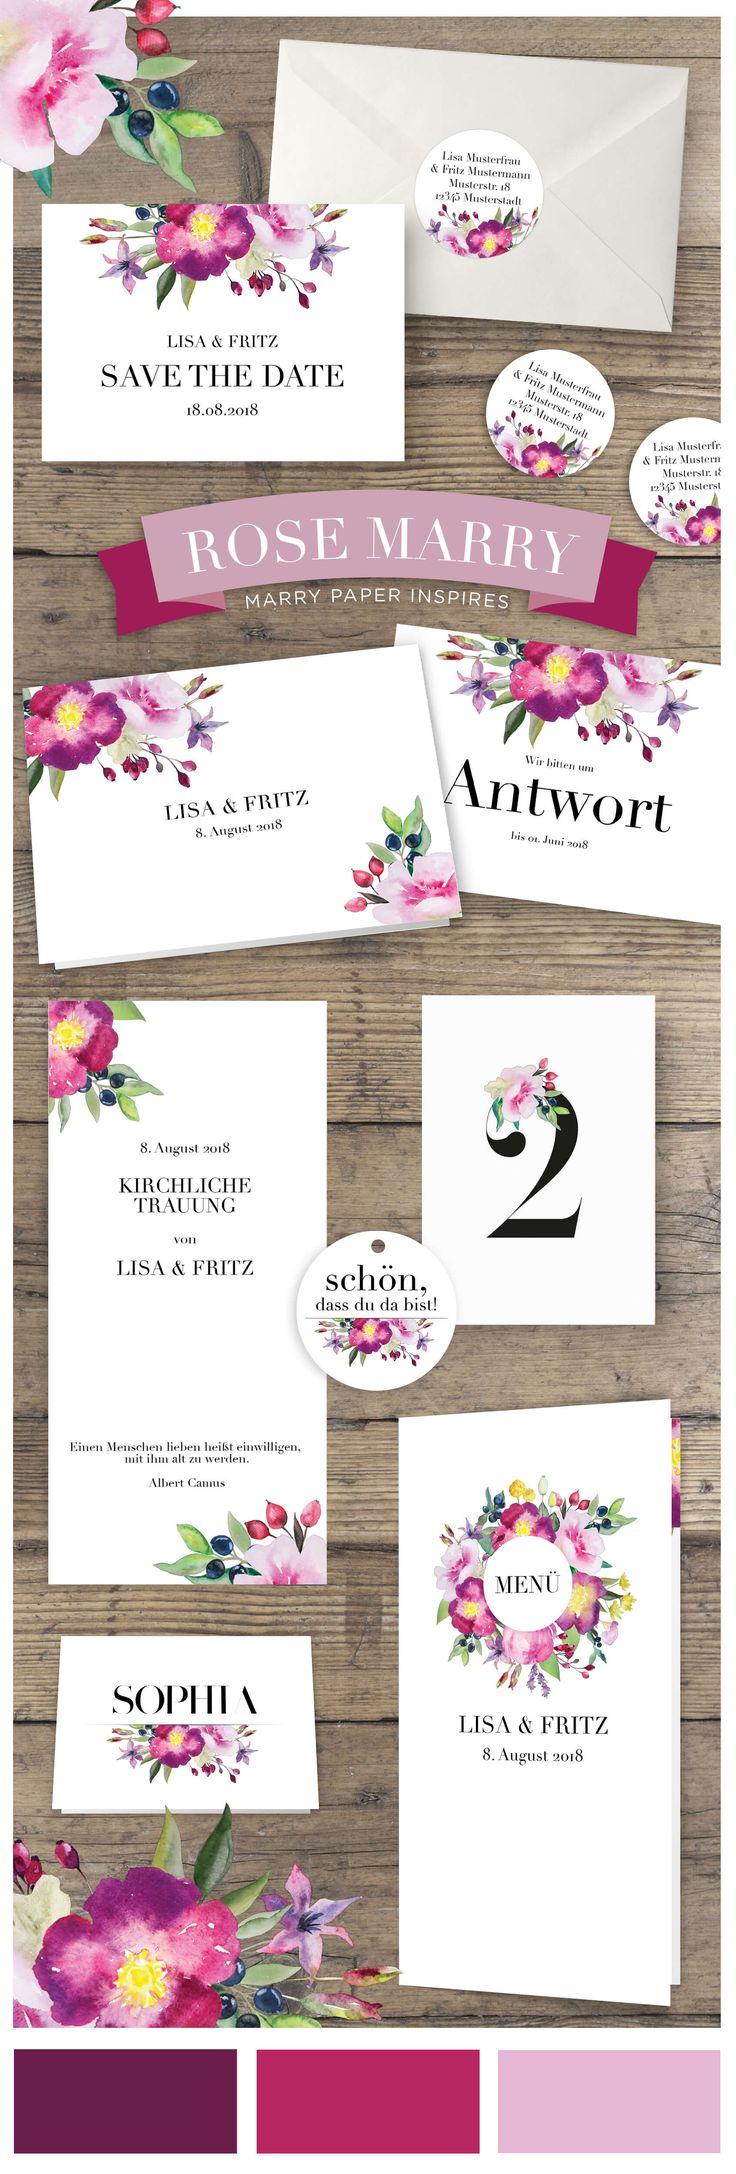 Hochzeitspapeterie: Hochzeitseinladungen, Save The Date Karten im wunderschönen Aquarell Rosen Stil